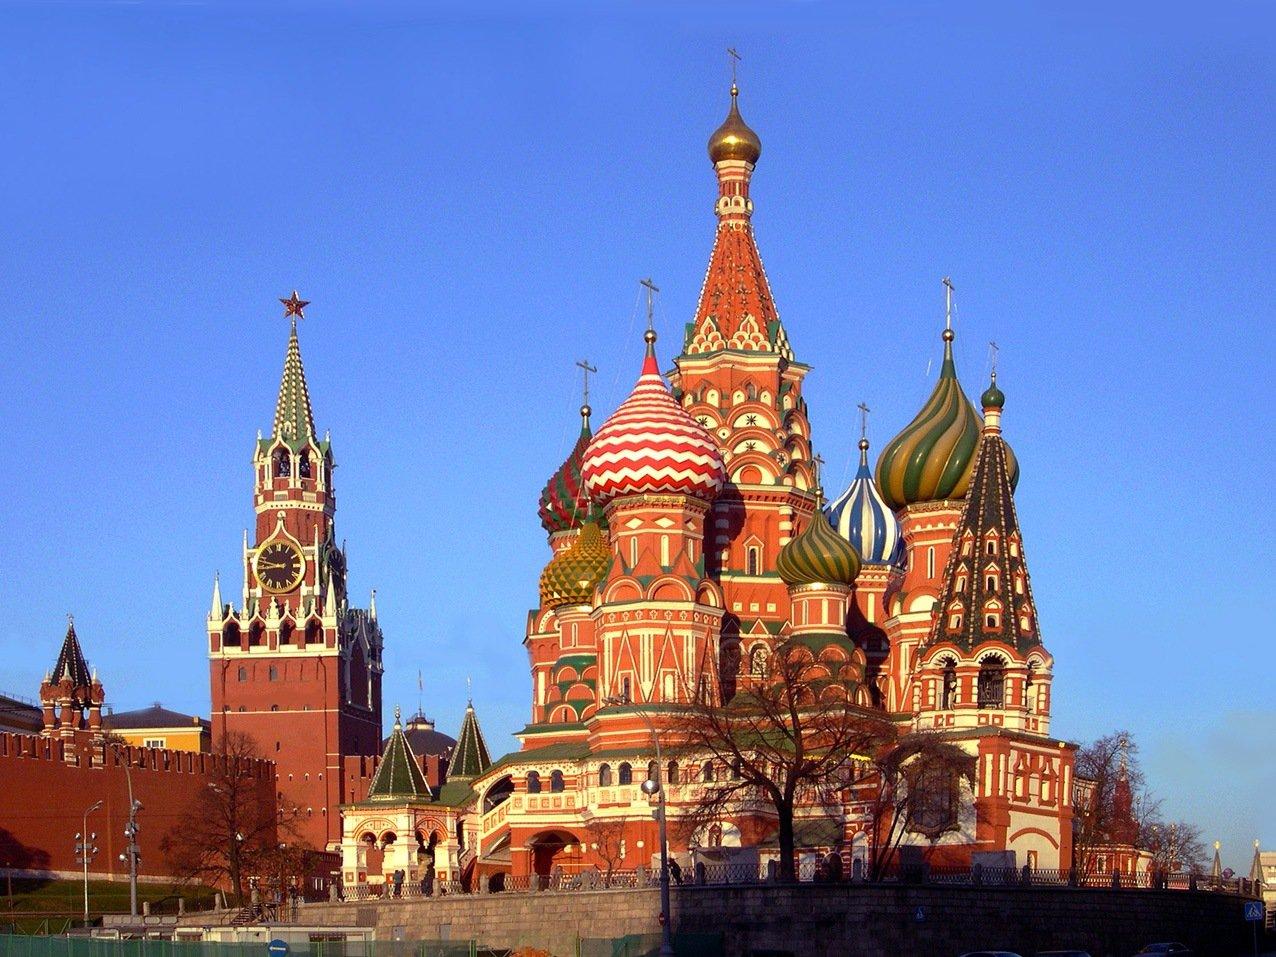 Россия картинки достопримечательностей